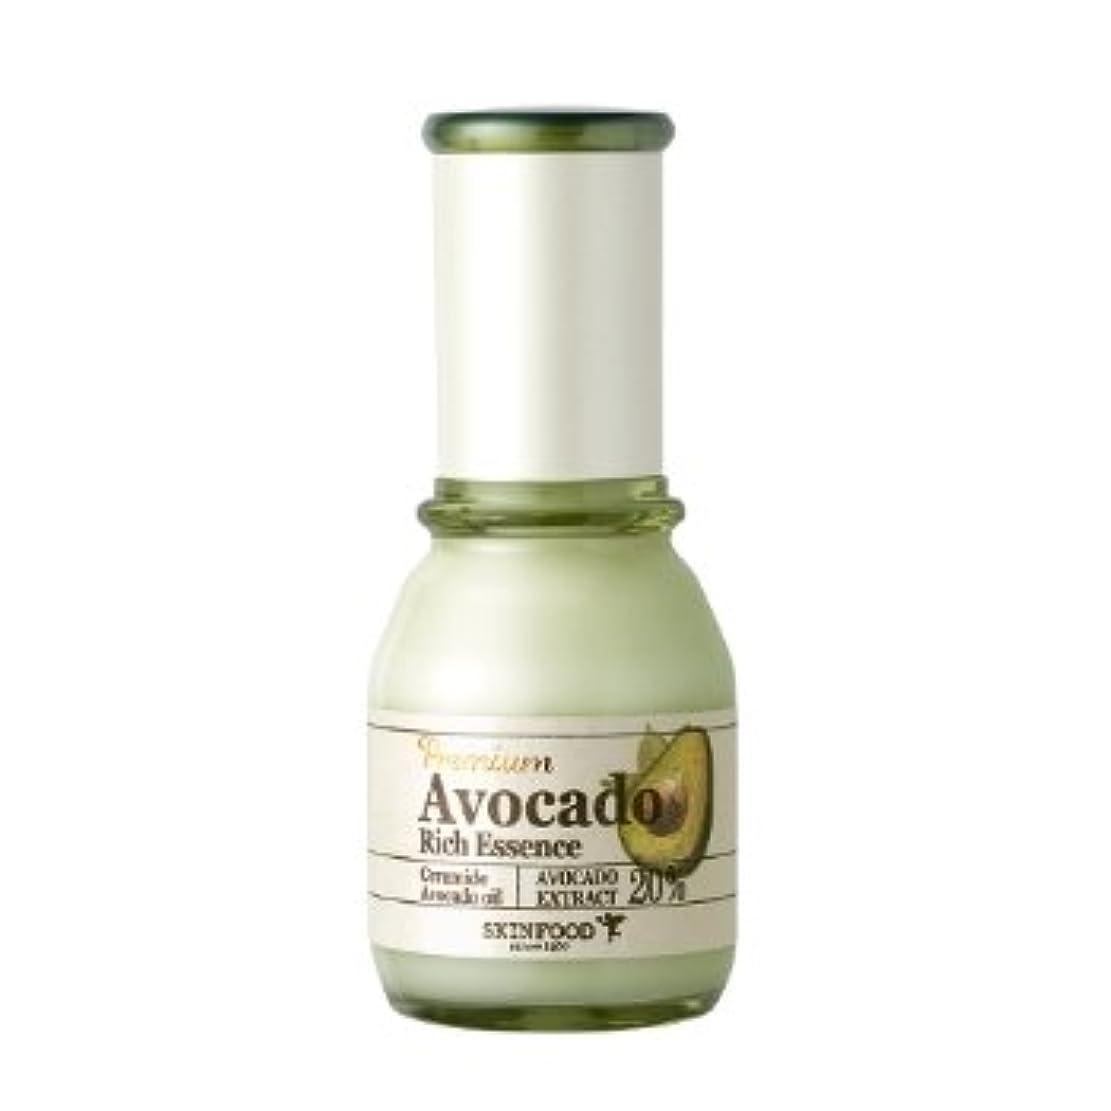 代表してコード敵意スキンフード [Skin Food] プレミアム アボカド リーチ エッセンス 50ml / Premium Avocado Rich Essence 海外直送品